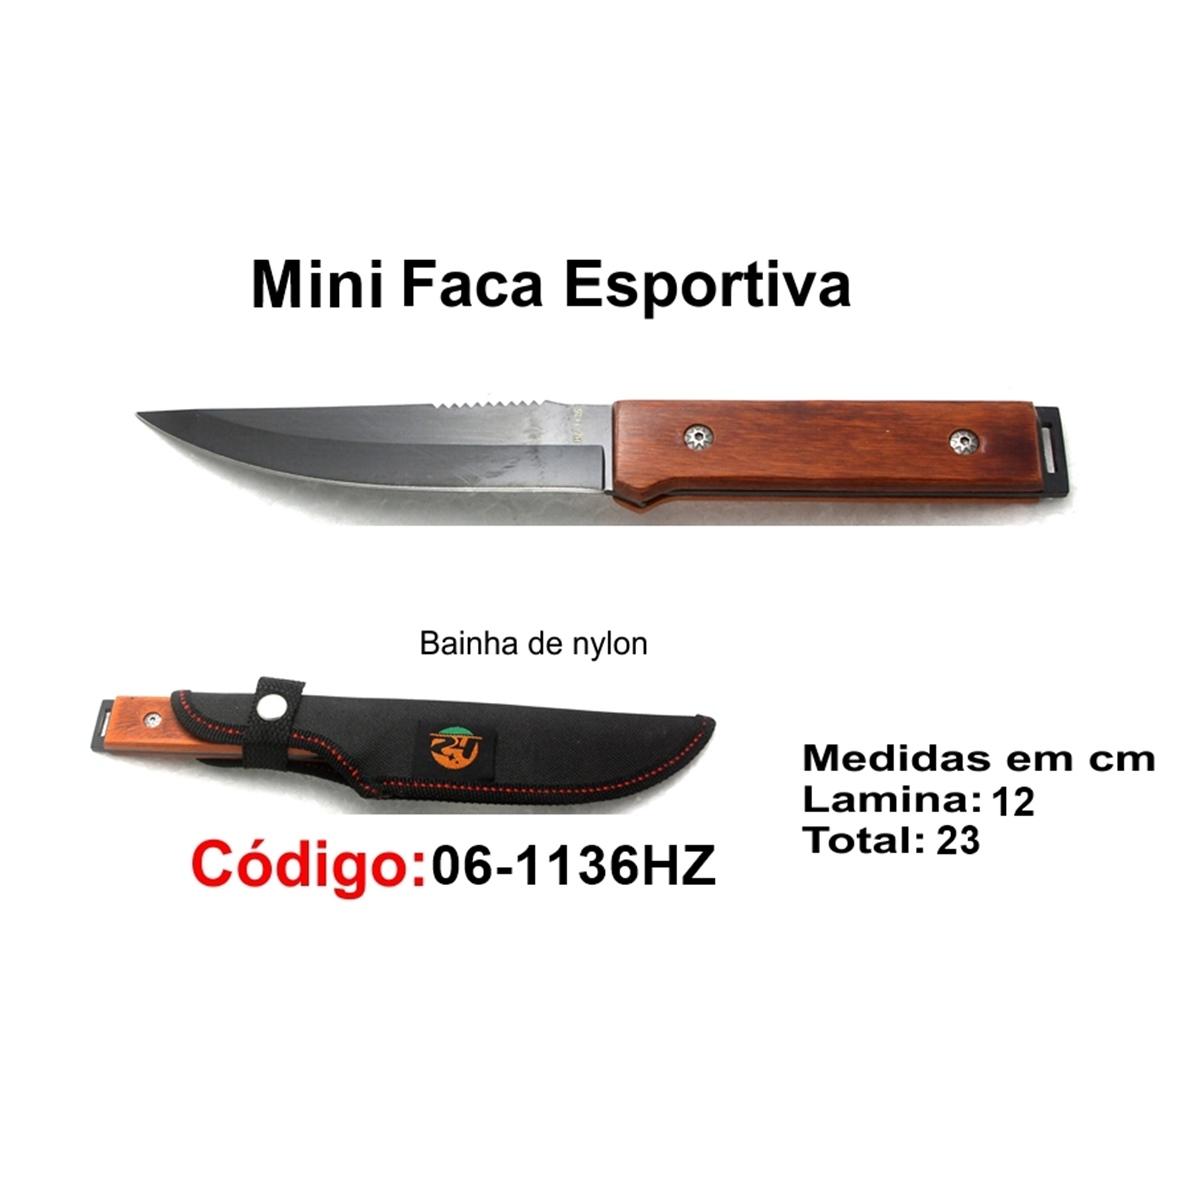 Mini Faca Esportiva Com Bainha Modelo Caça Pesca Etc 06-1136HZ